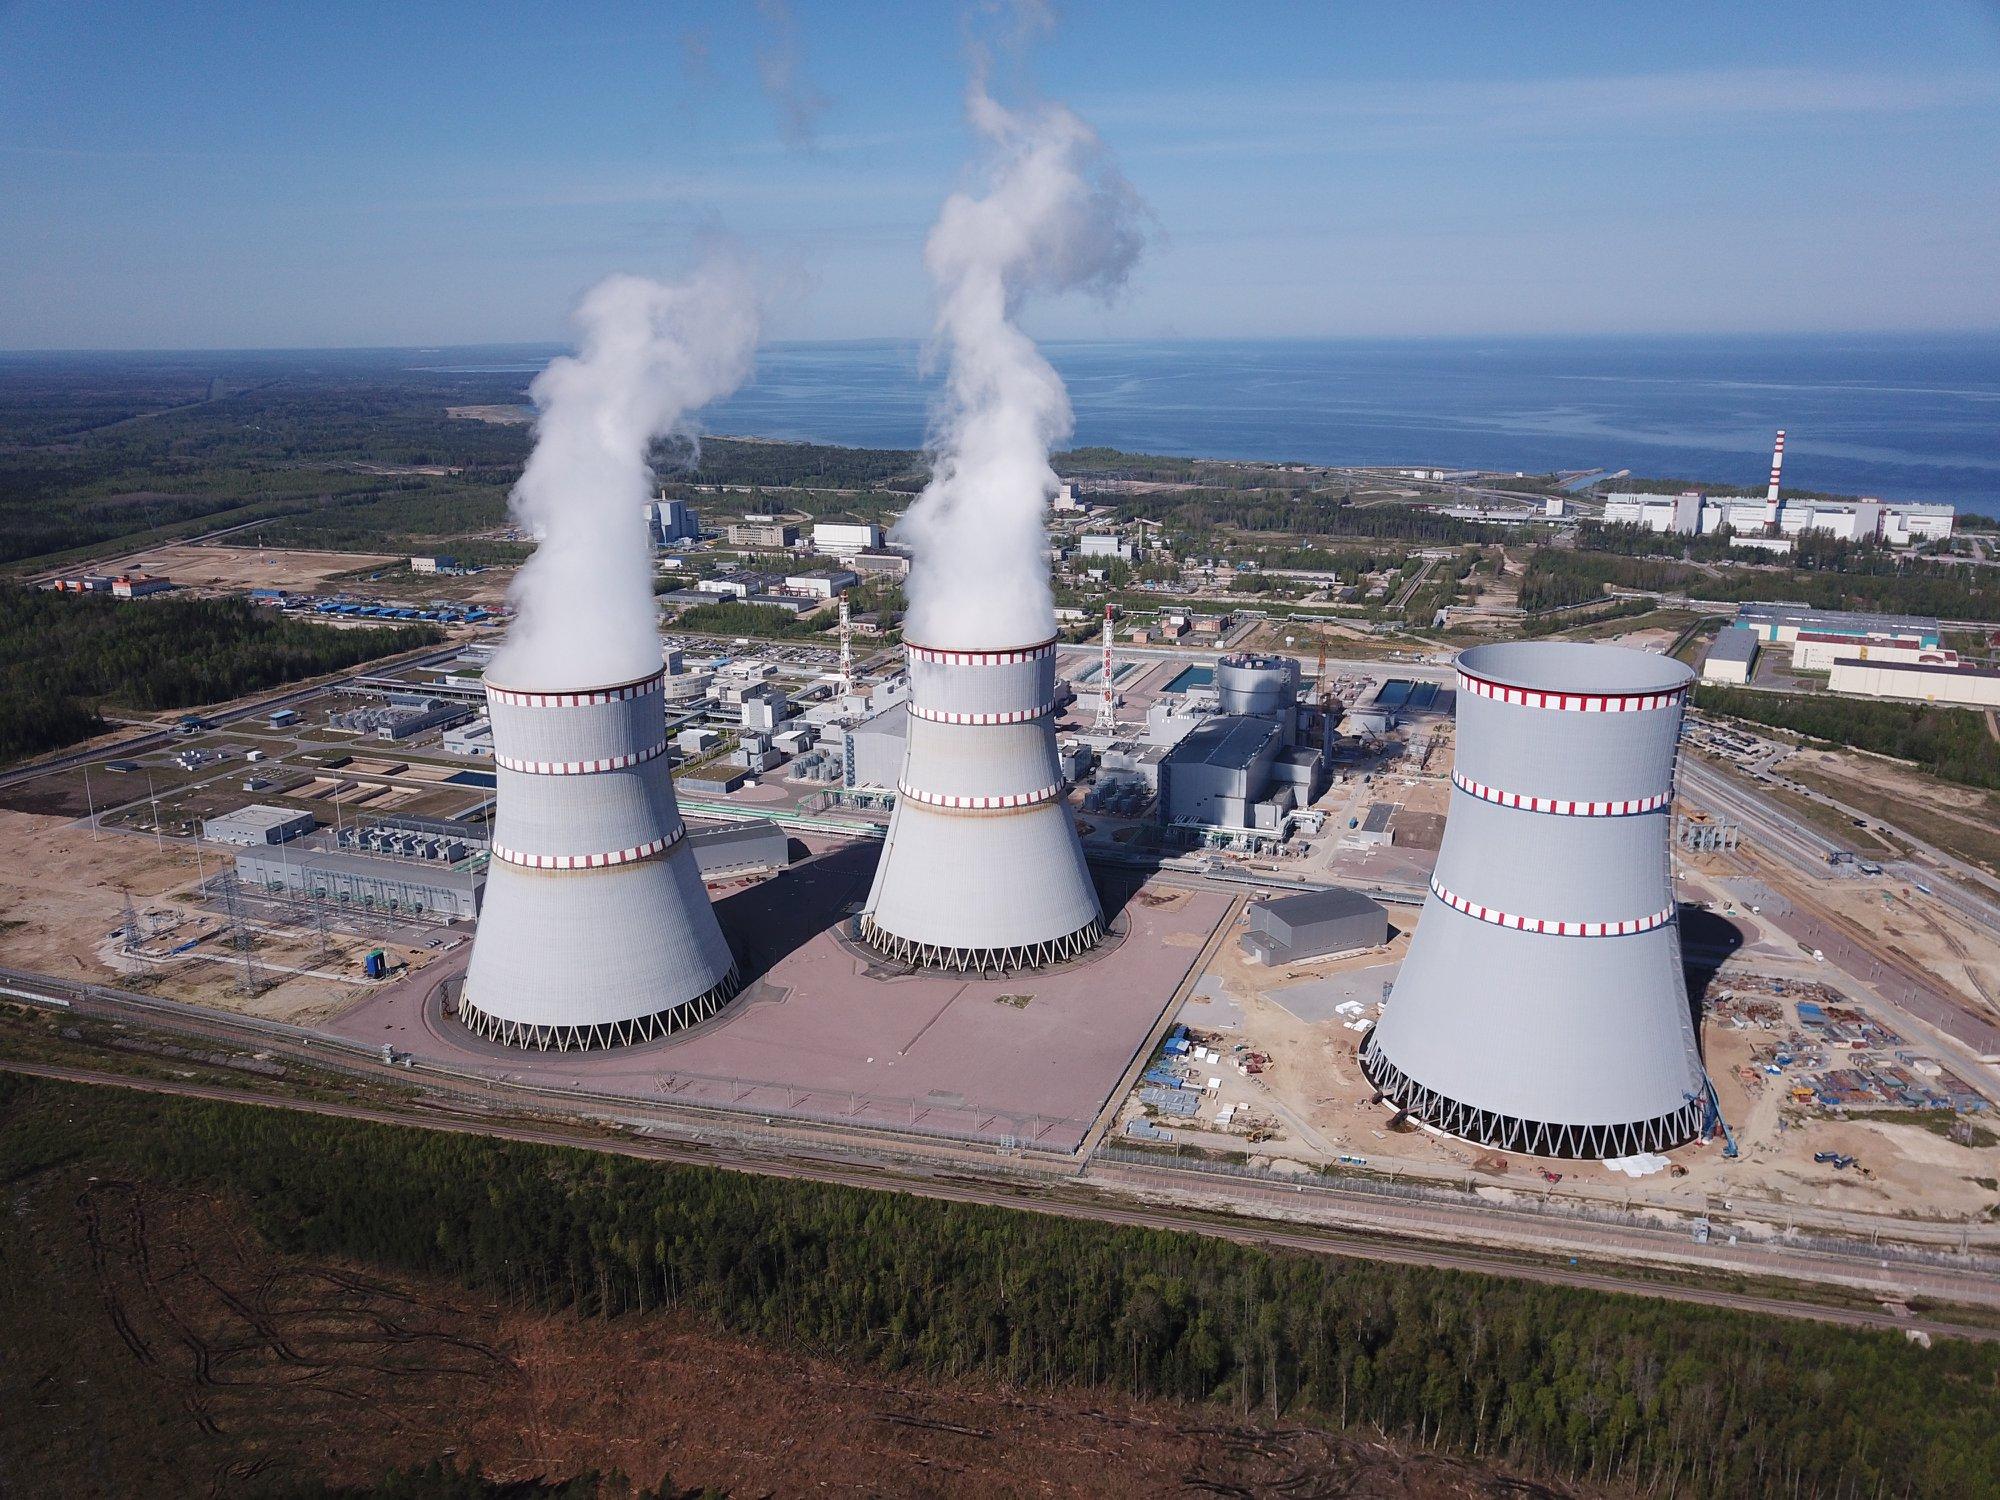 Качество сборки реакторной установки нового энергоблока ЛАЭС подтверждено в ходе «горячей» обкатки